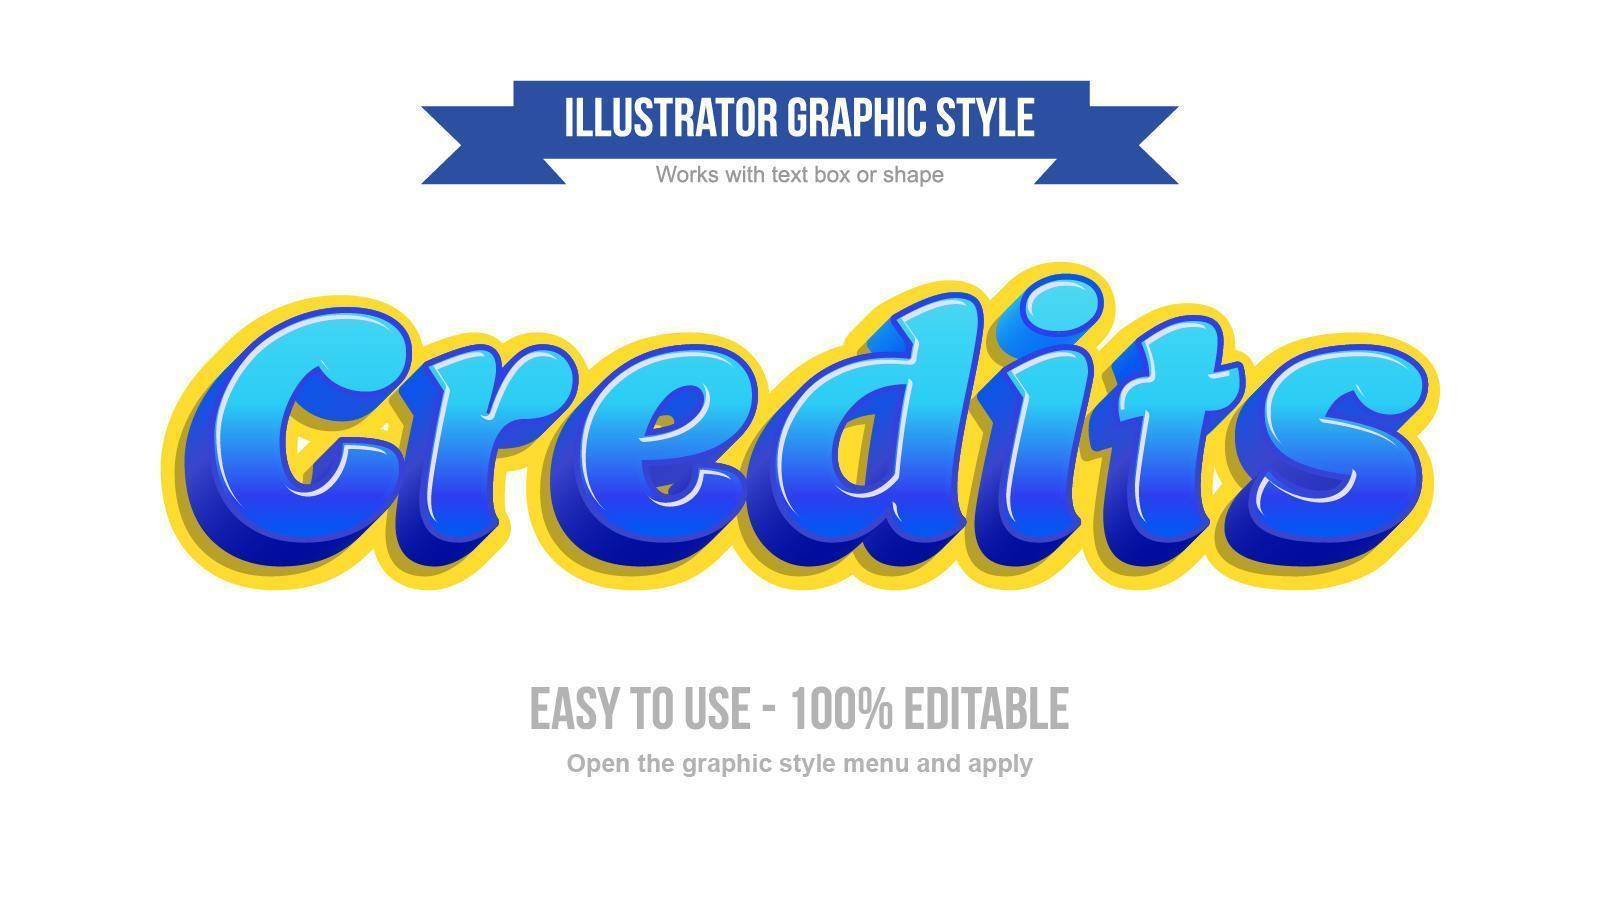 blauw en geel 3d afgerond cartoonesk teksteffect vector